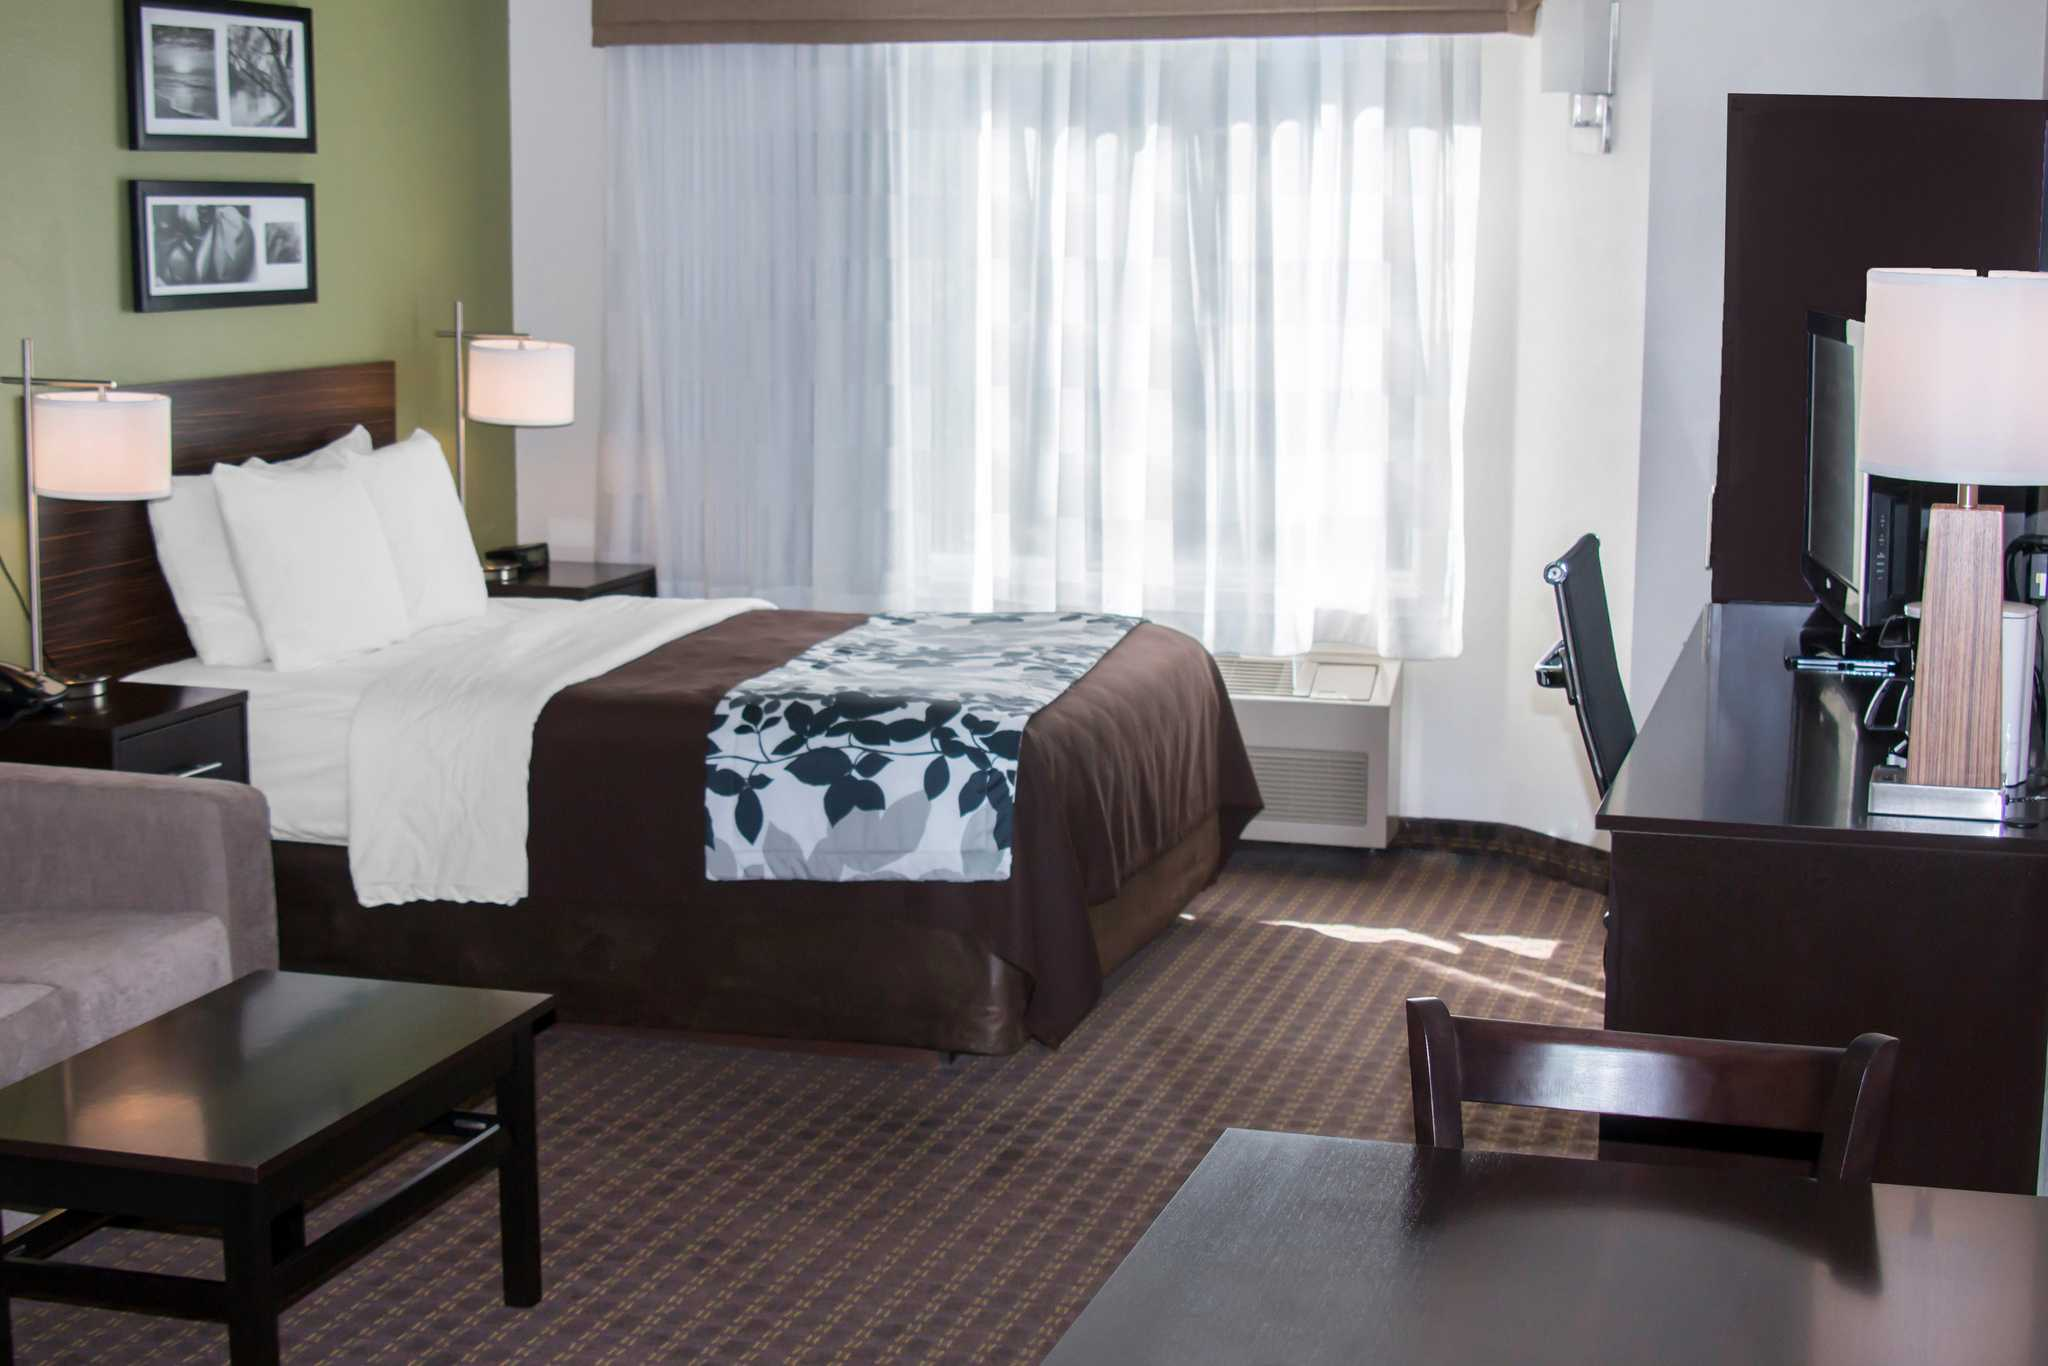 Sleep Inn image 22